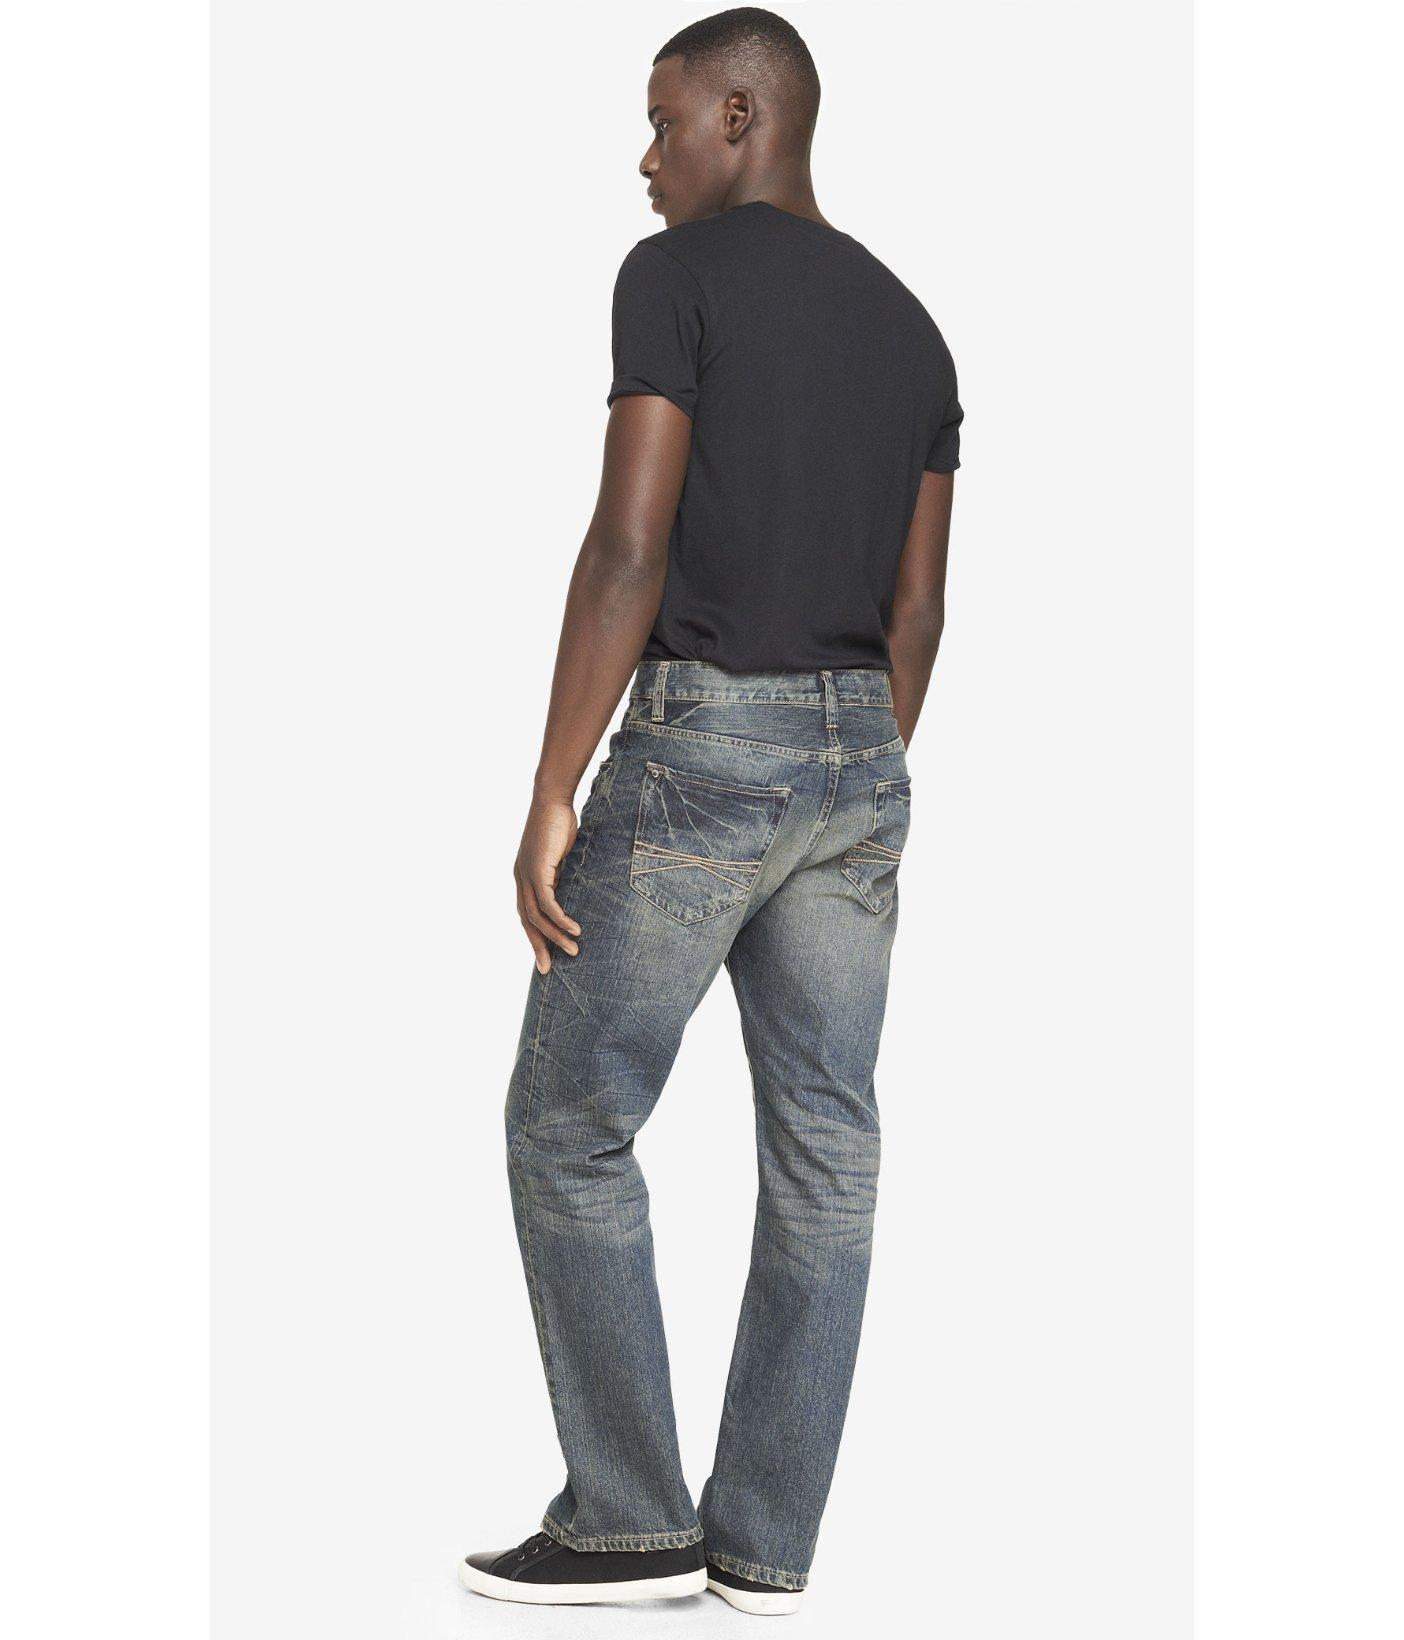 Express jeans blake loose fit bootcut